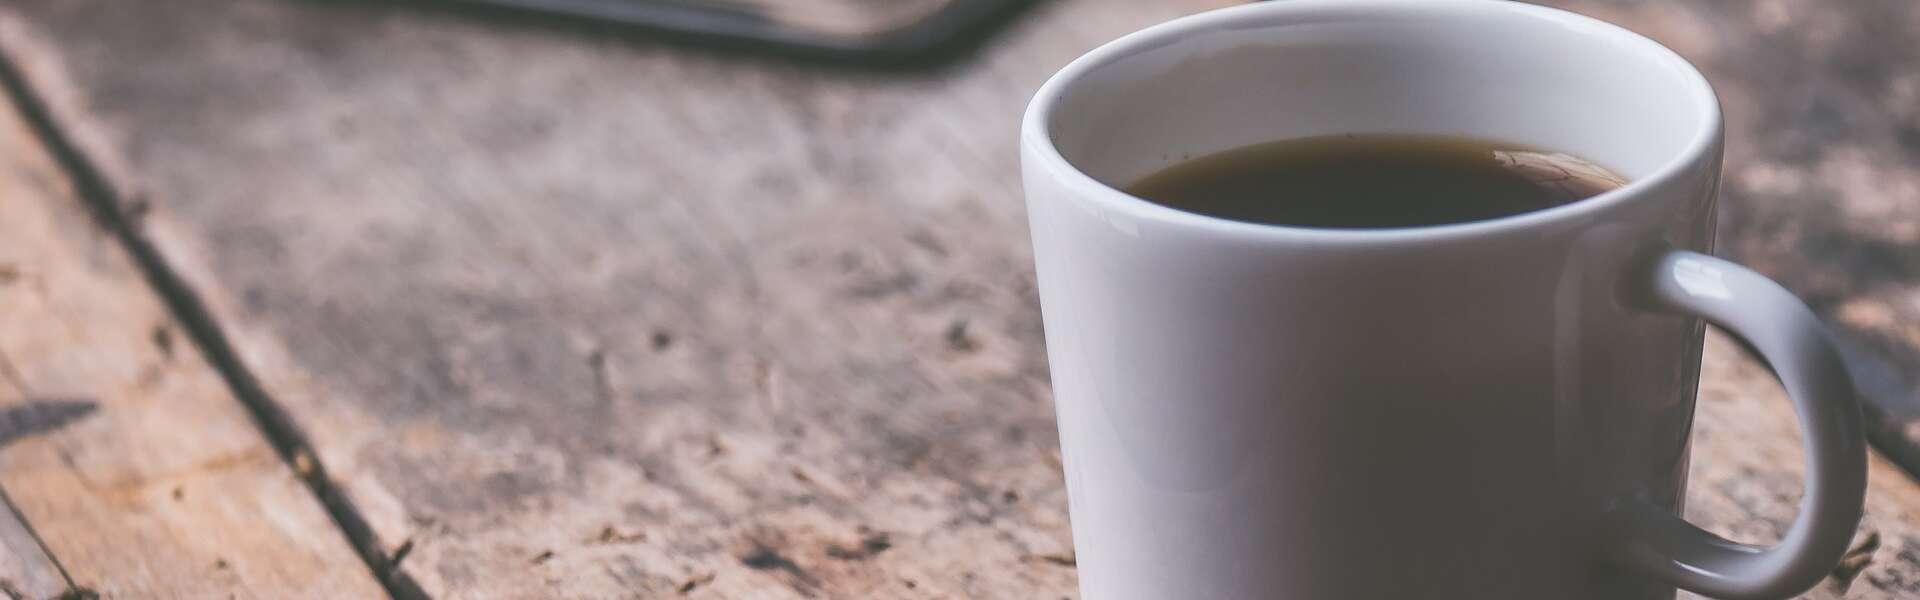 Kahvimuki ja kannettava tietokone